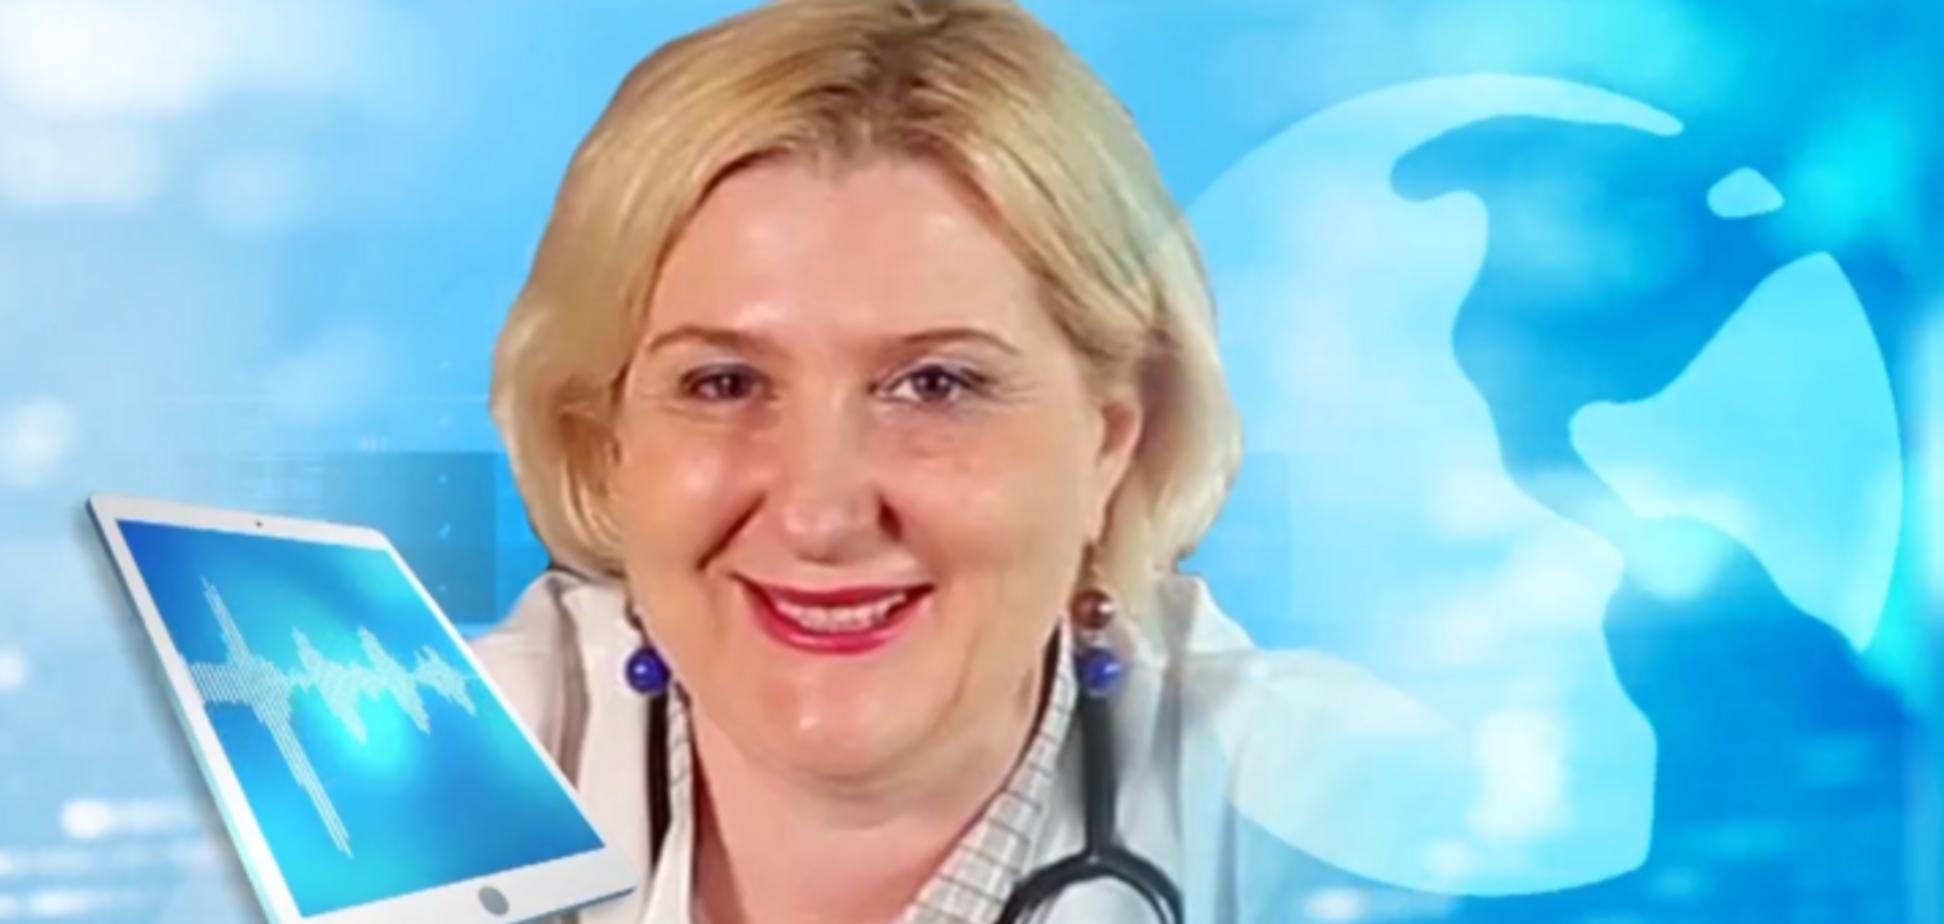 Смертельный и не лечится: педиатр рассказала о болезни, которую могут перенести невакцинированные дети